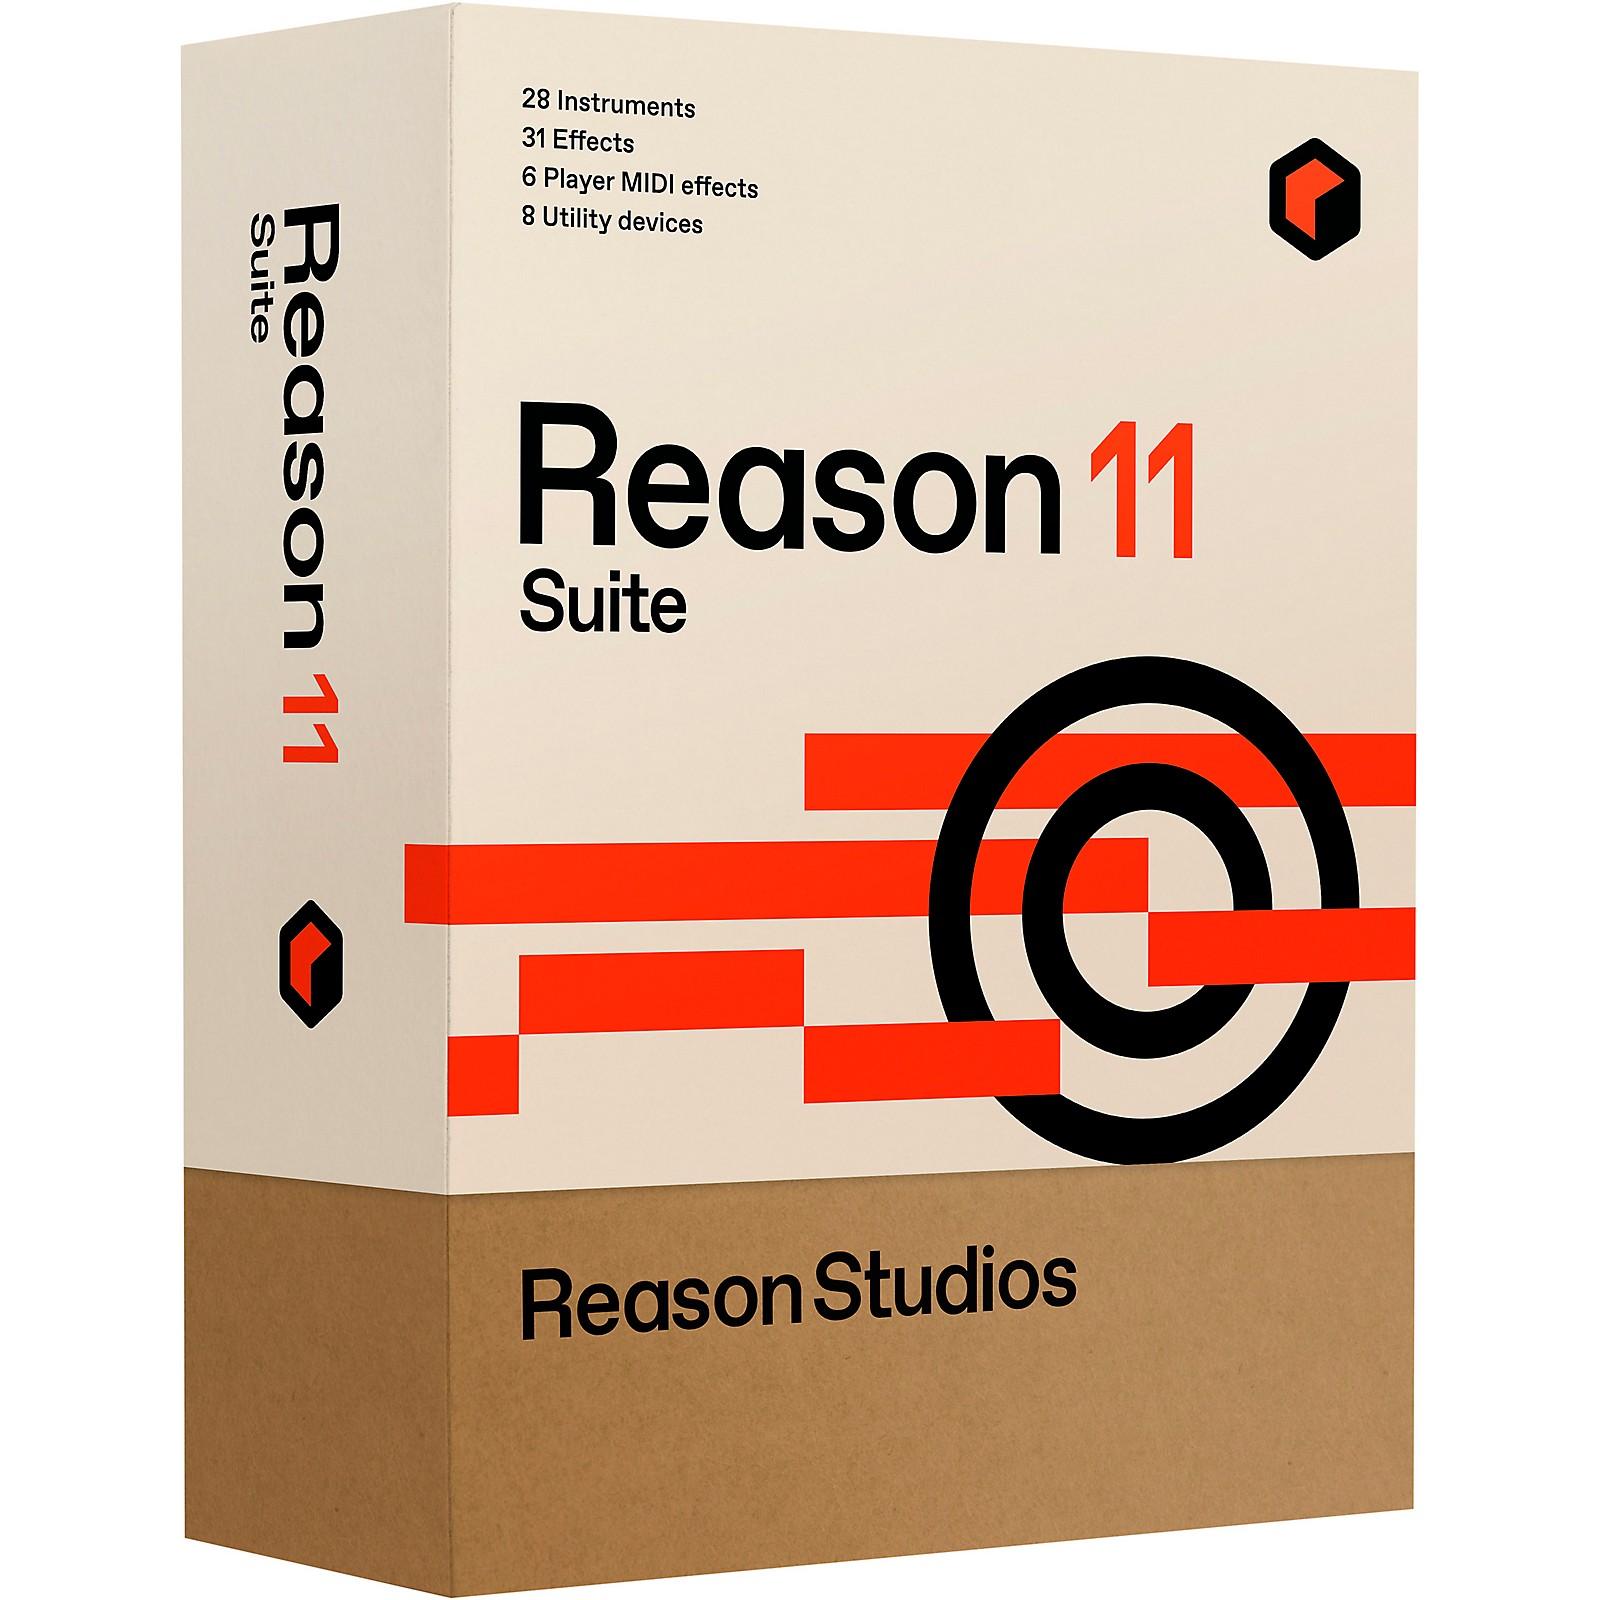 Reason Studios Reason 11 Suite (Boxed)